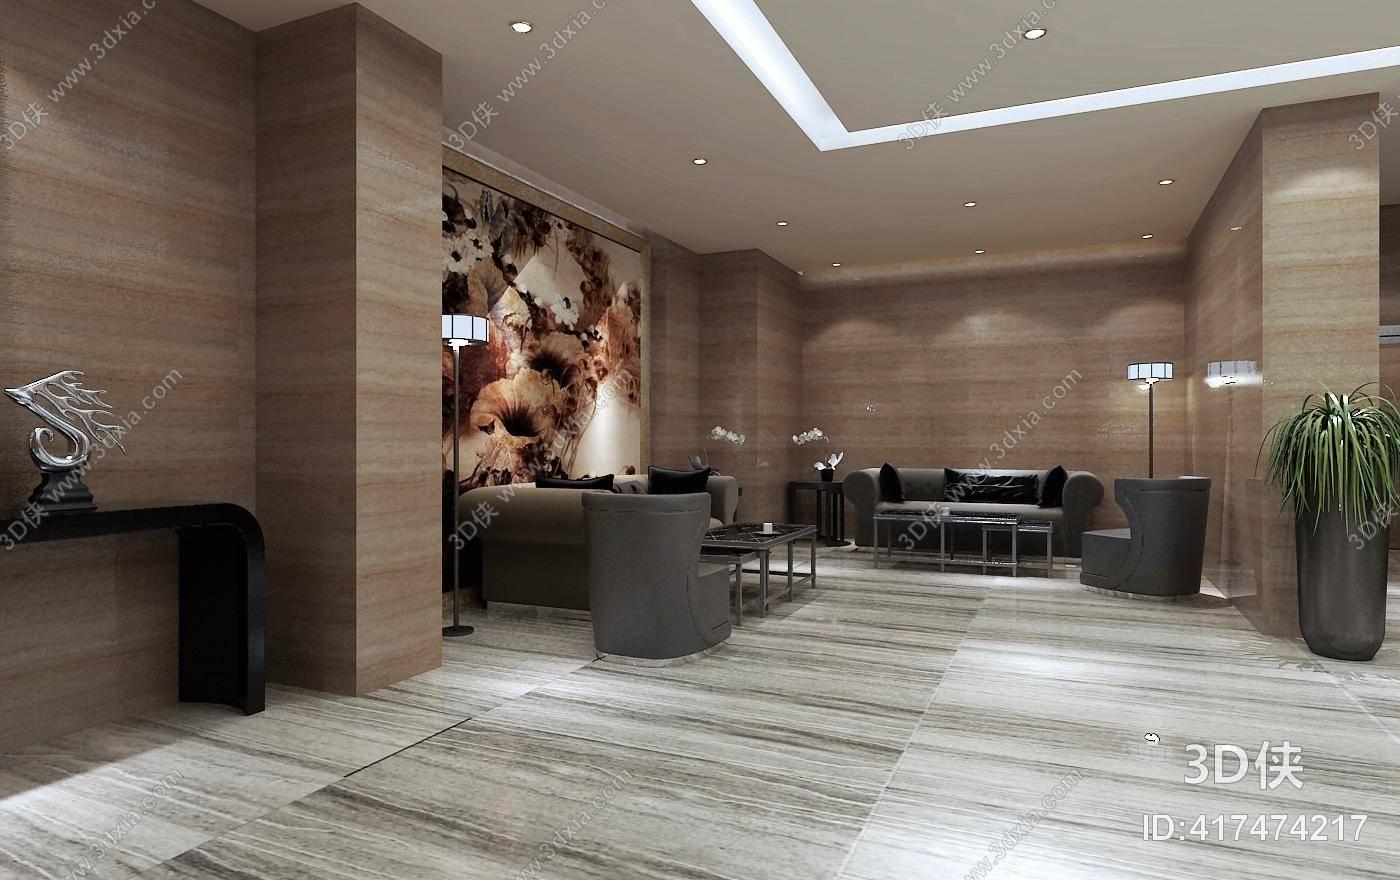 酒店大堂效果图素材免费下载,本作品主题是现代酒店大堂 现代酒店前台